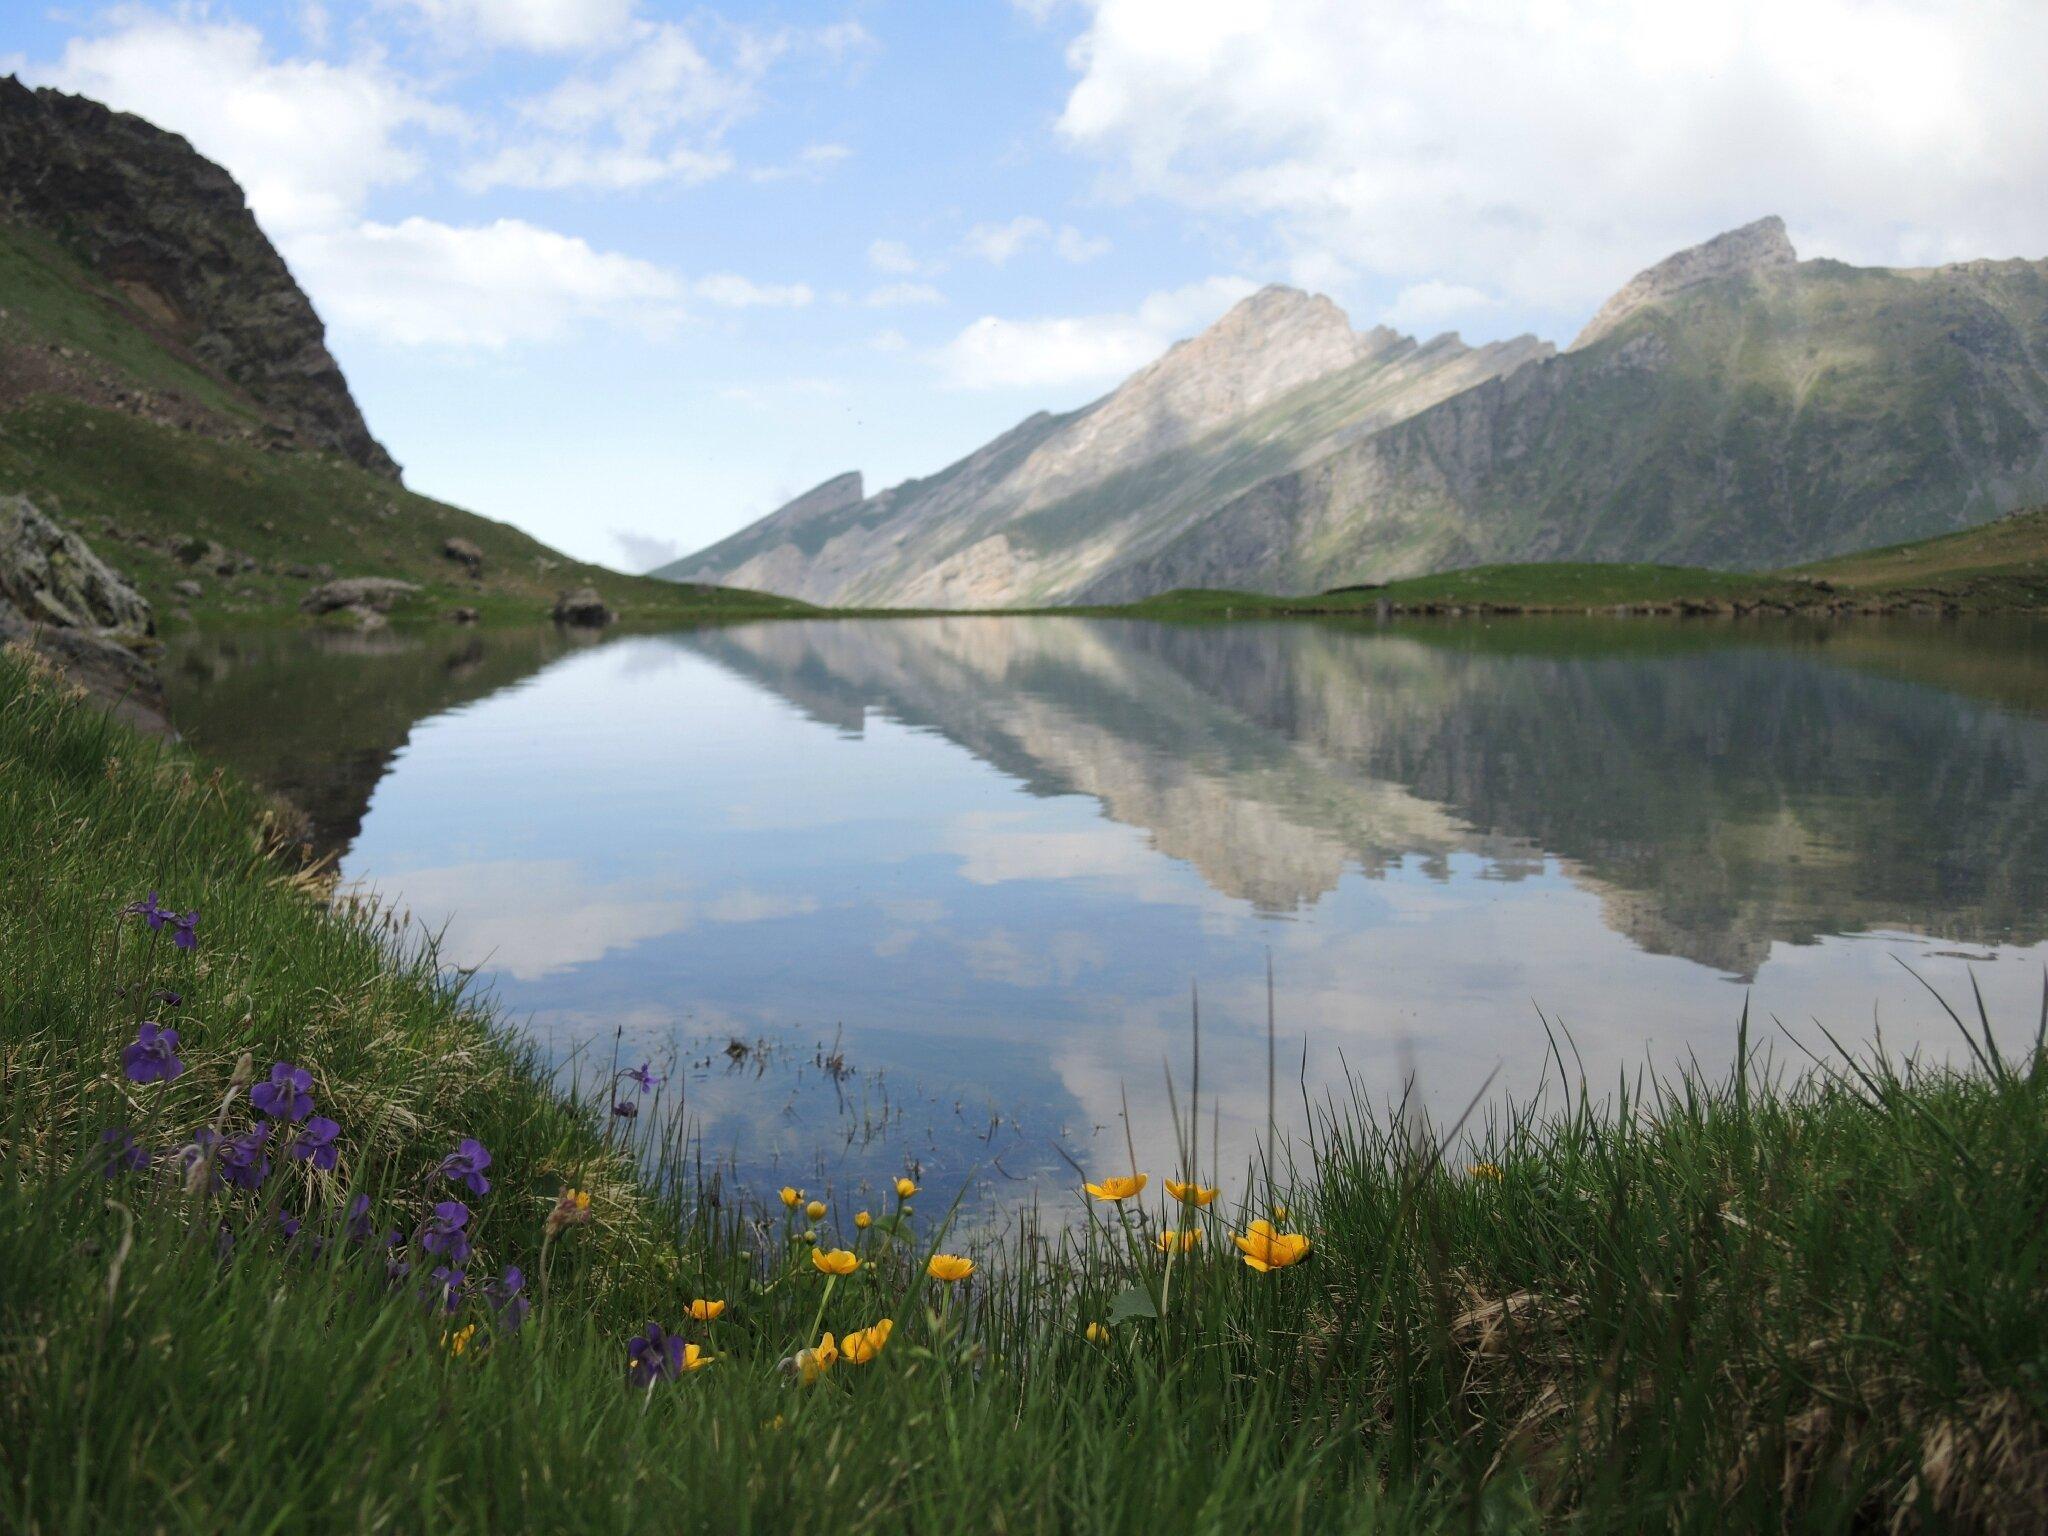 Gourette, R, Les trois Lacs, lac d'Anglas, fin de journée, fleurs